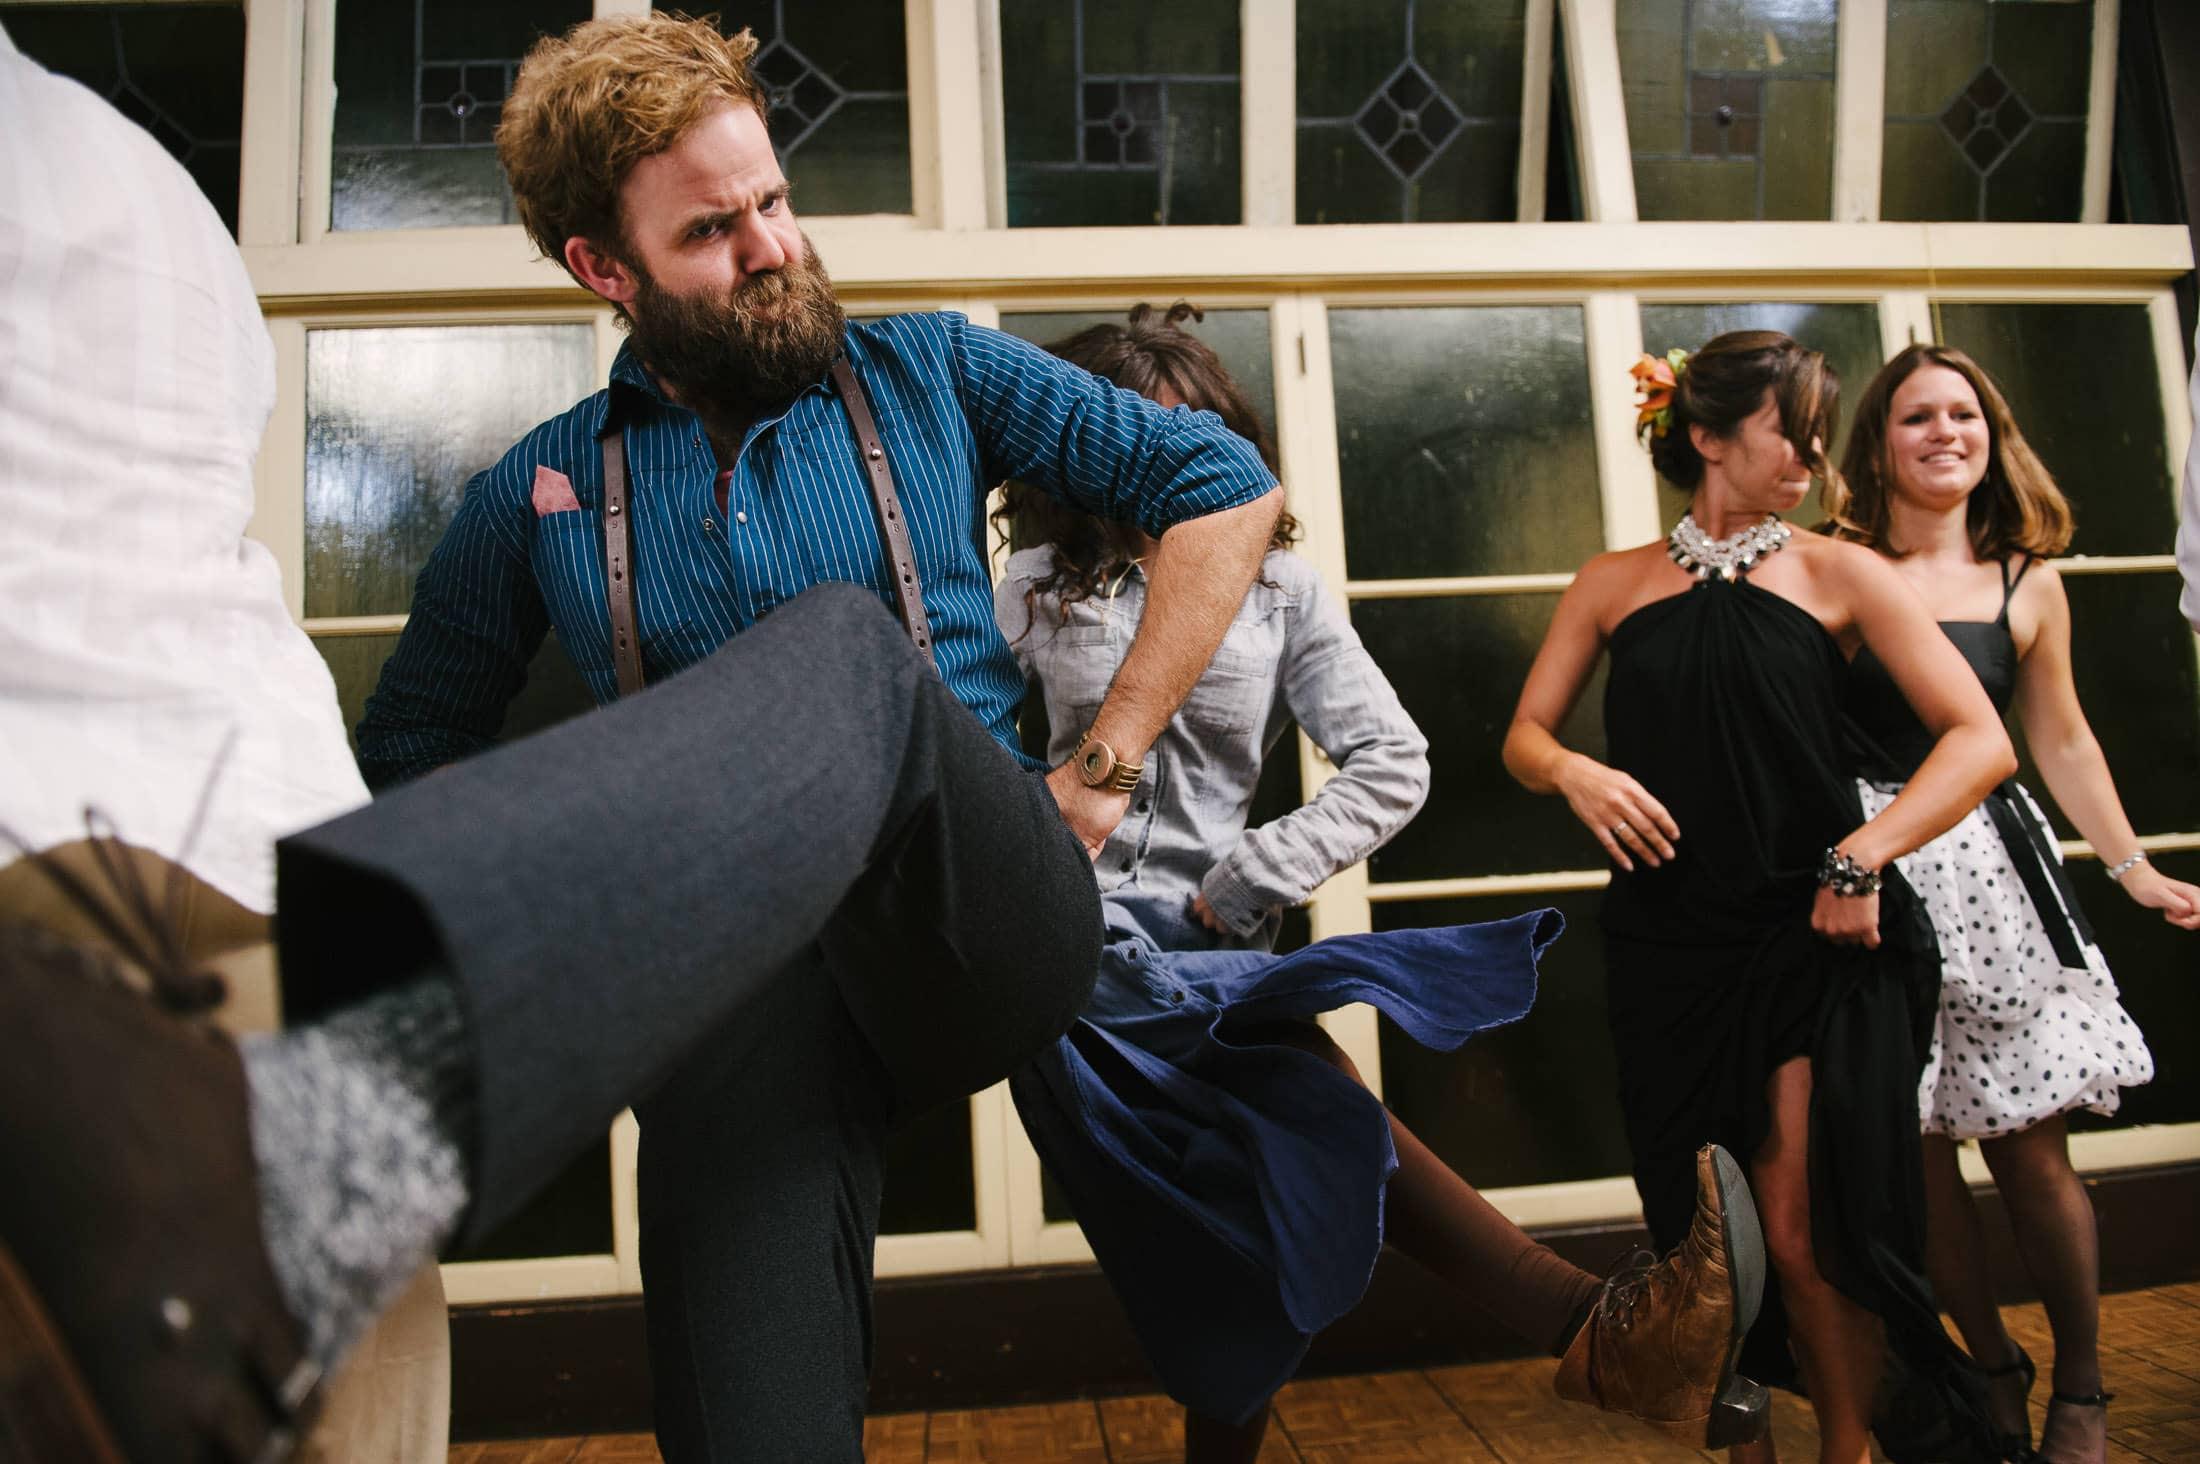 fun dance floor shot of guest at berkeley wedding